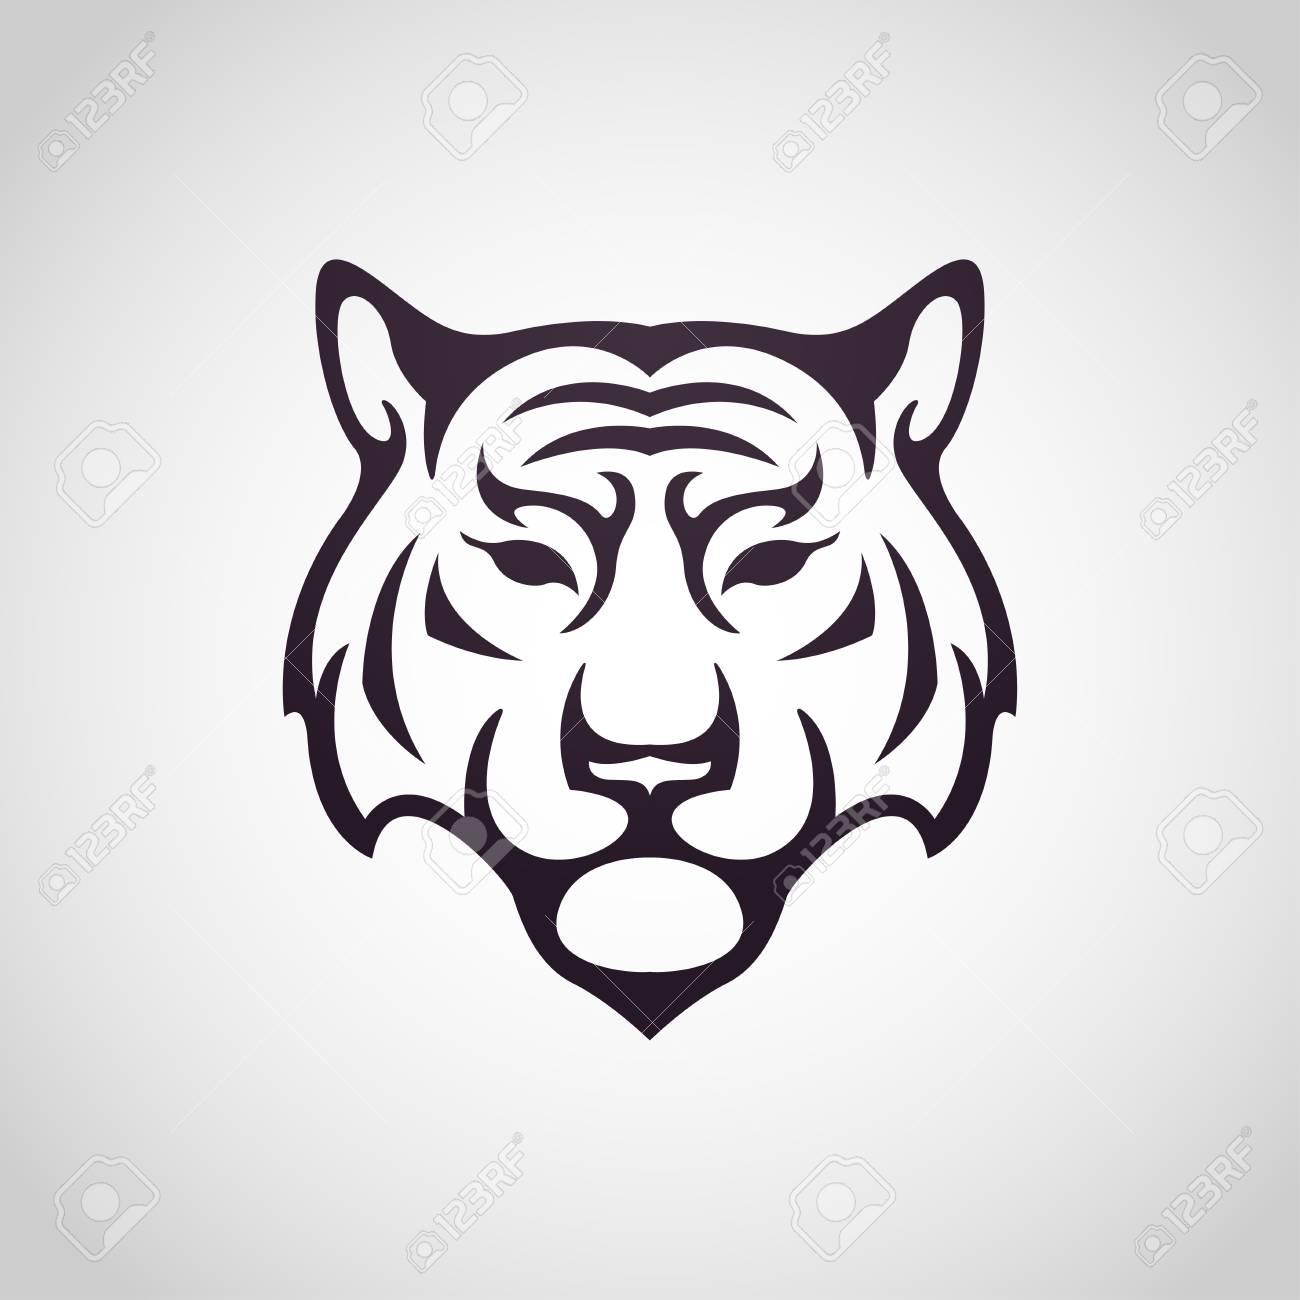 tiger vector logo icon illustration royalty free cliparts vectors